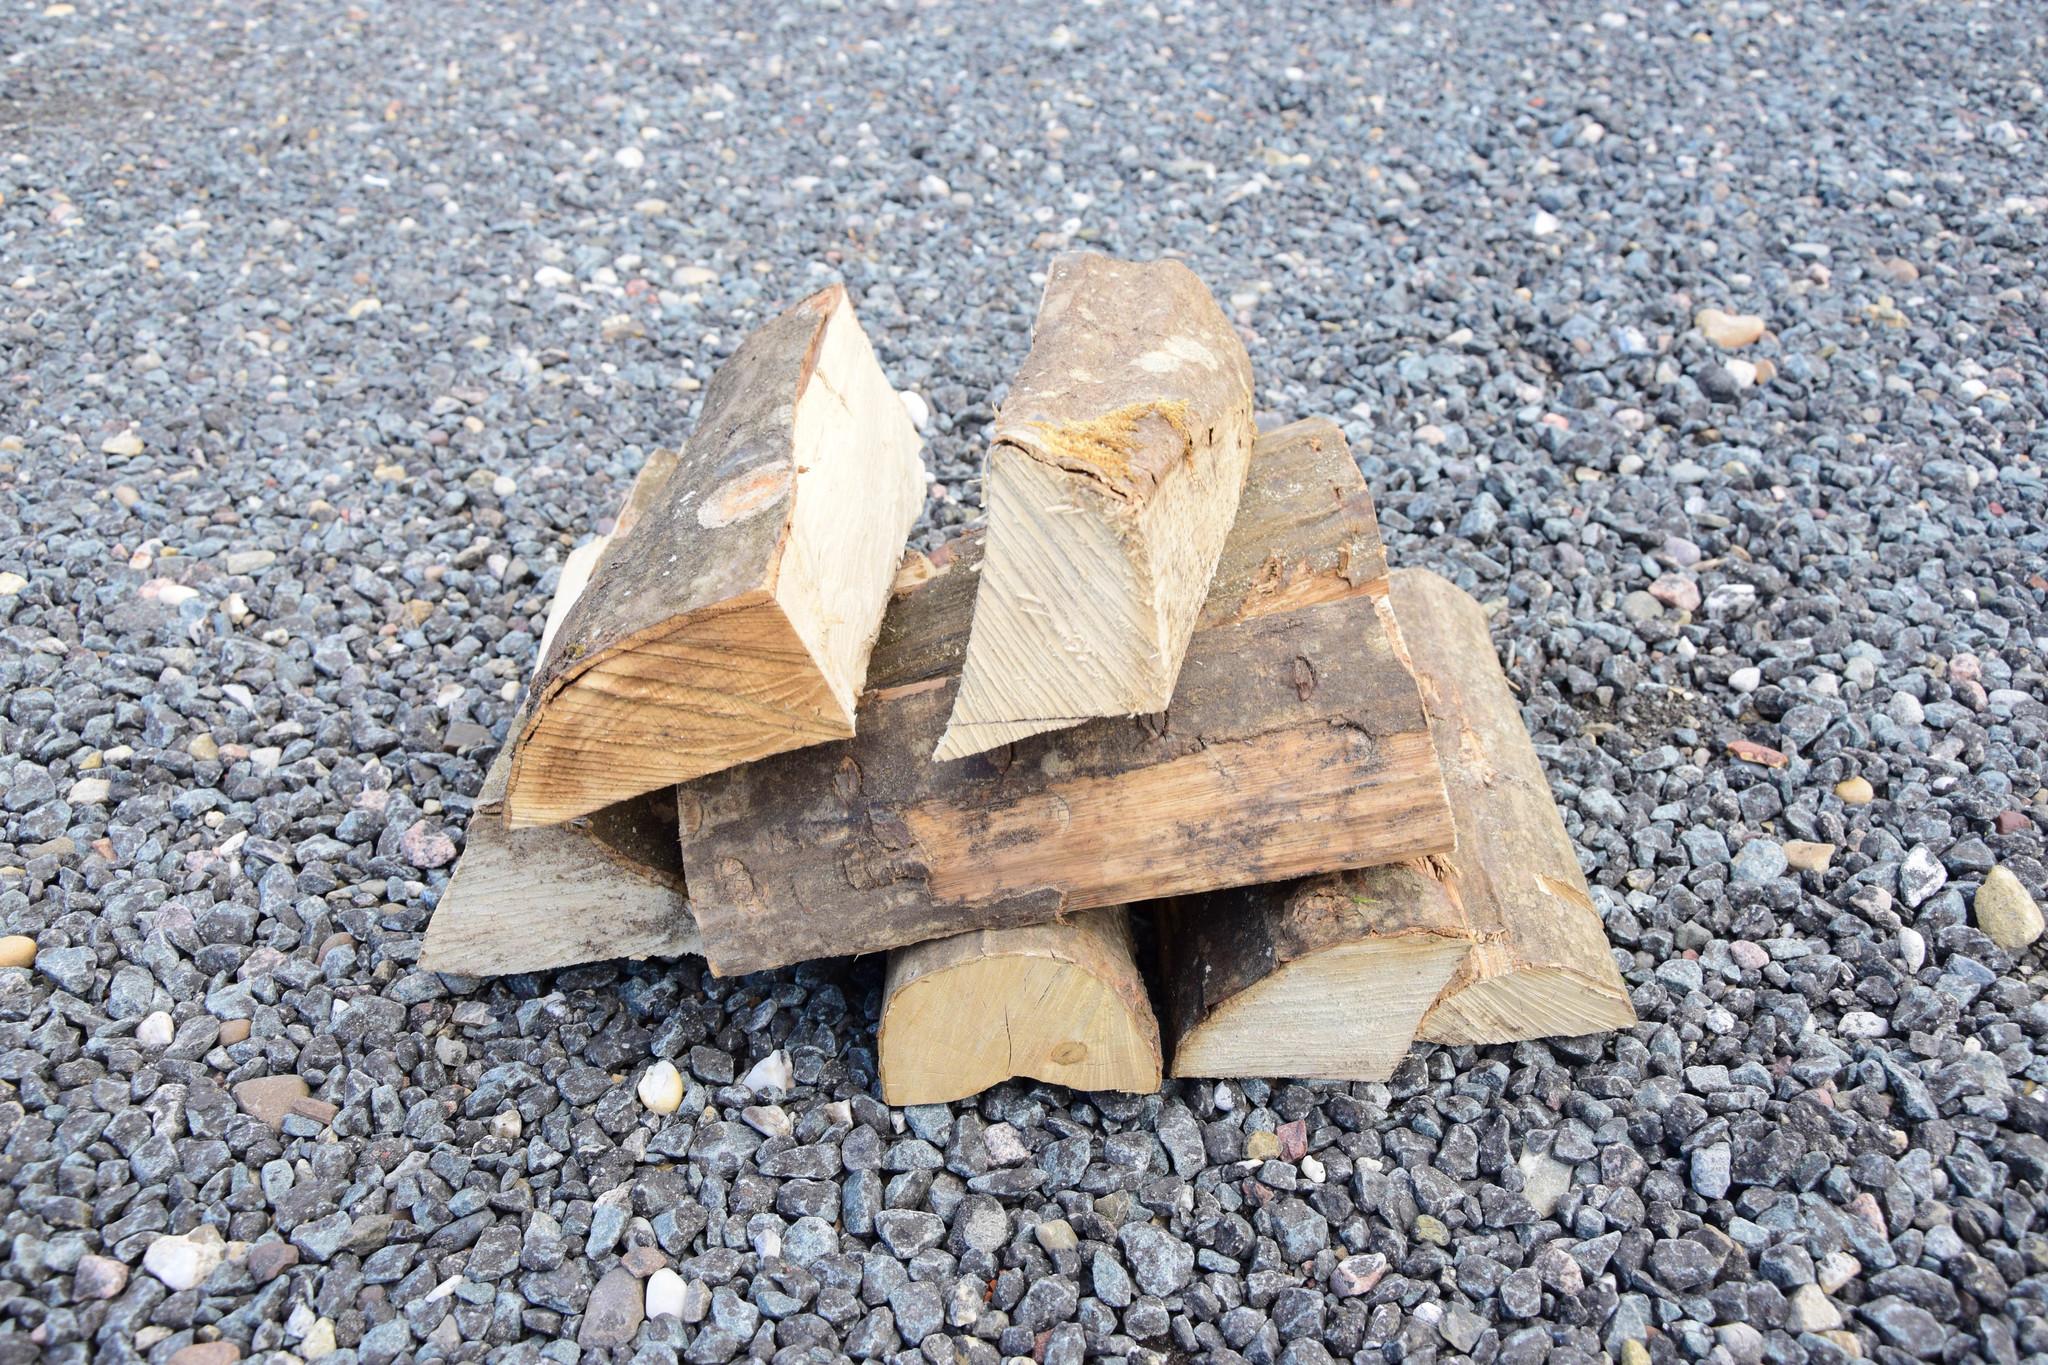 Haagbeuk brandhout